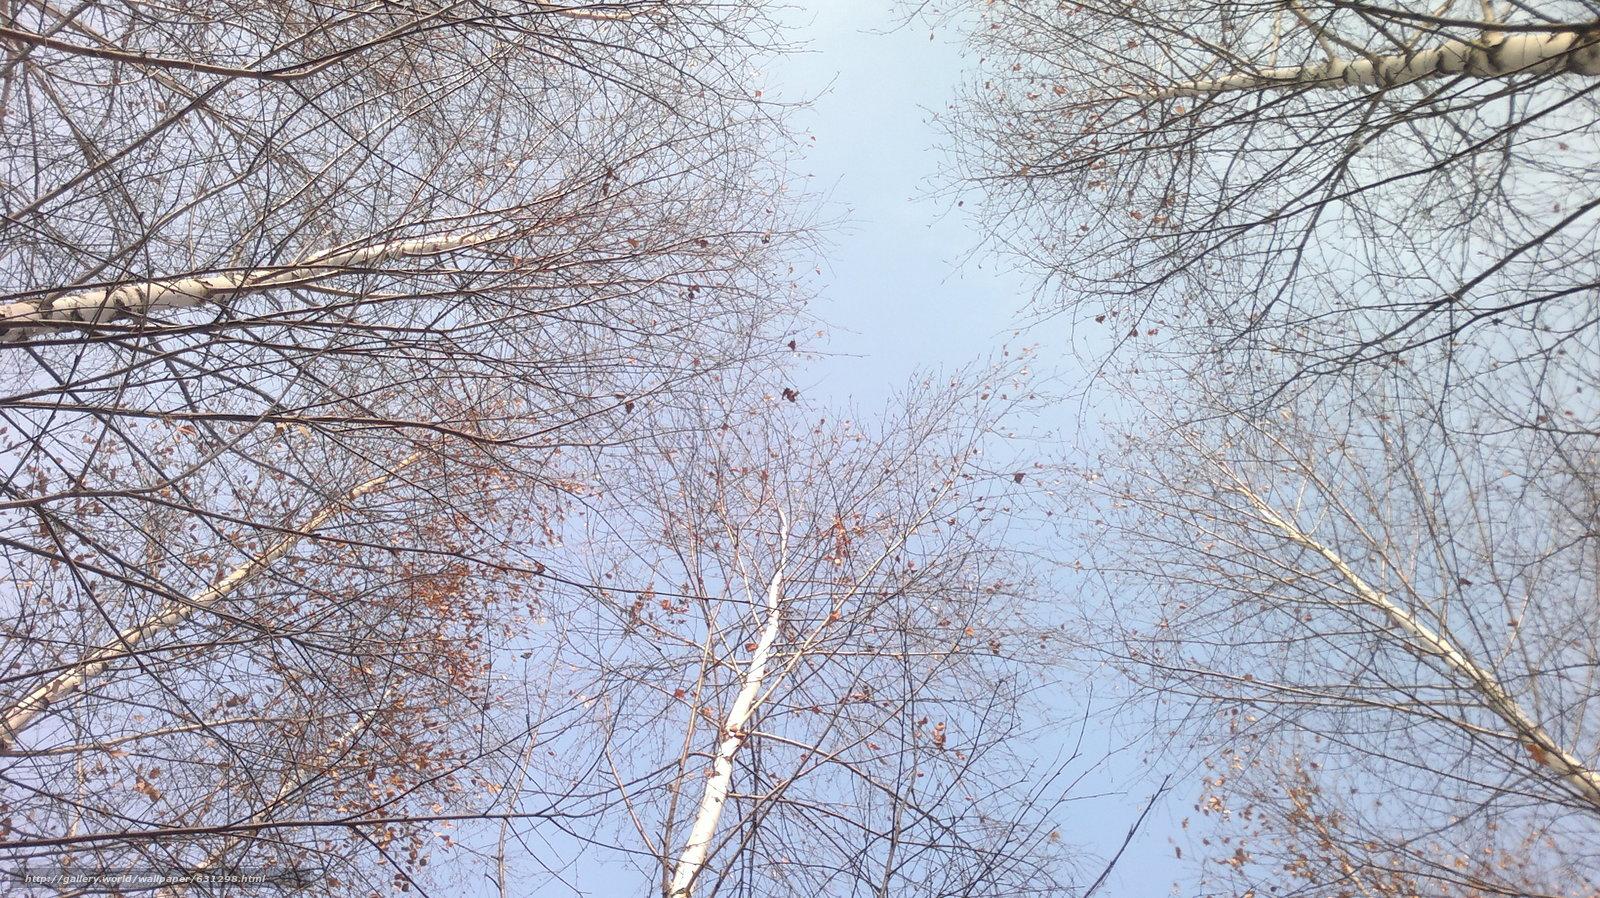 Скачать обои осень,  деревья,  небо бесплатно для рабочего стола в разрешении 3264x1832 — картинка №631298